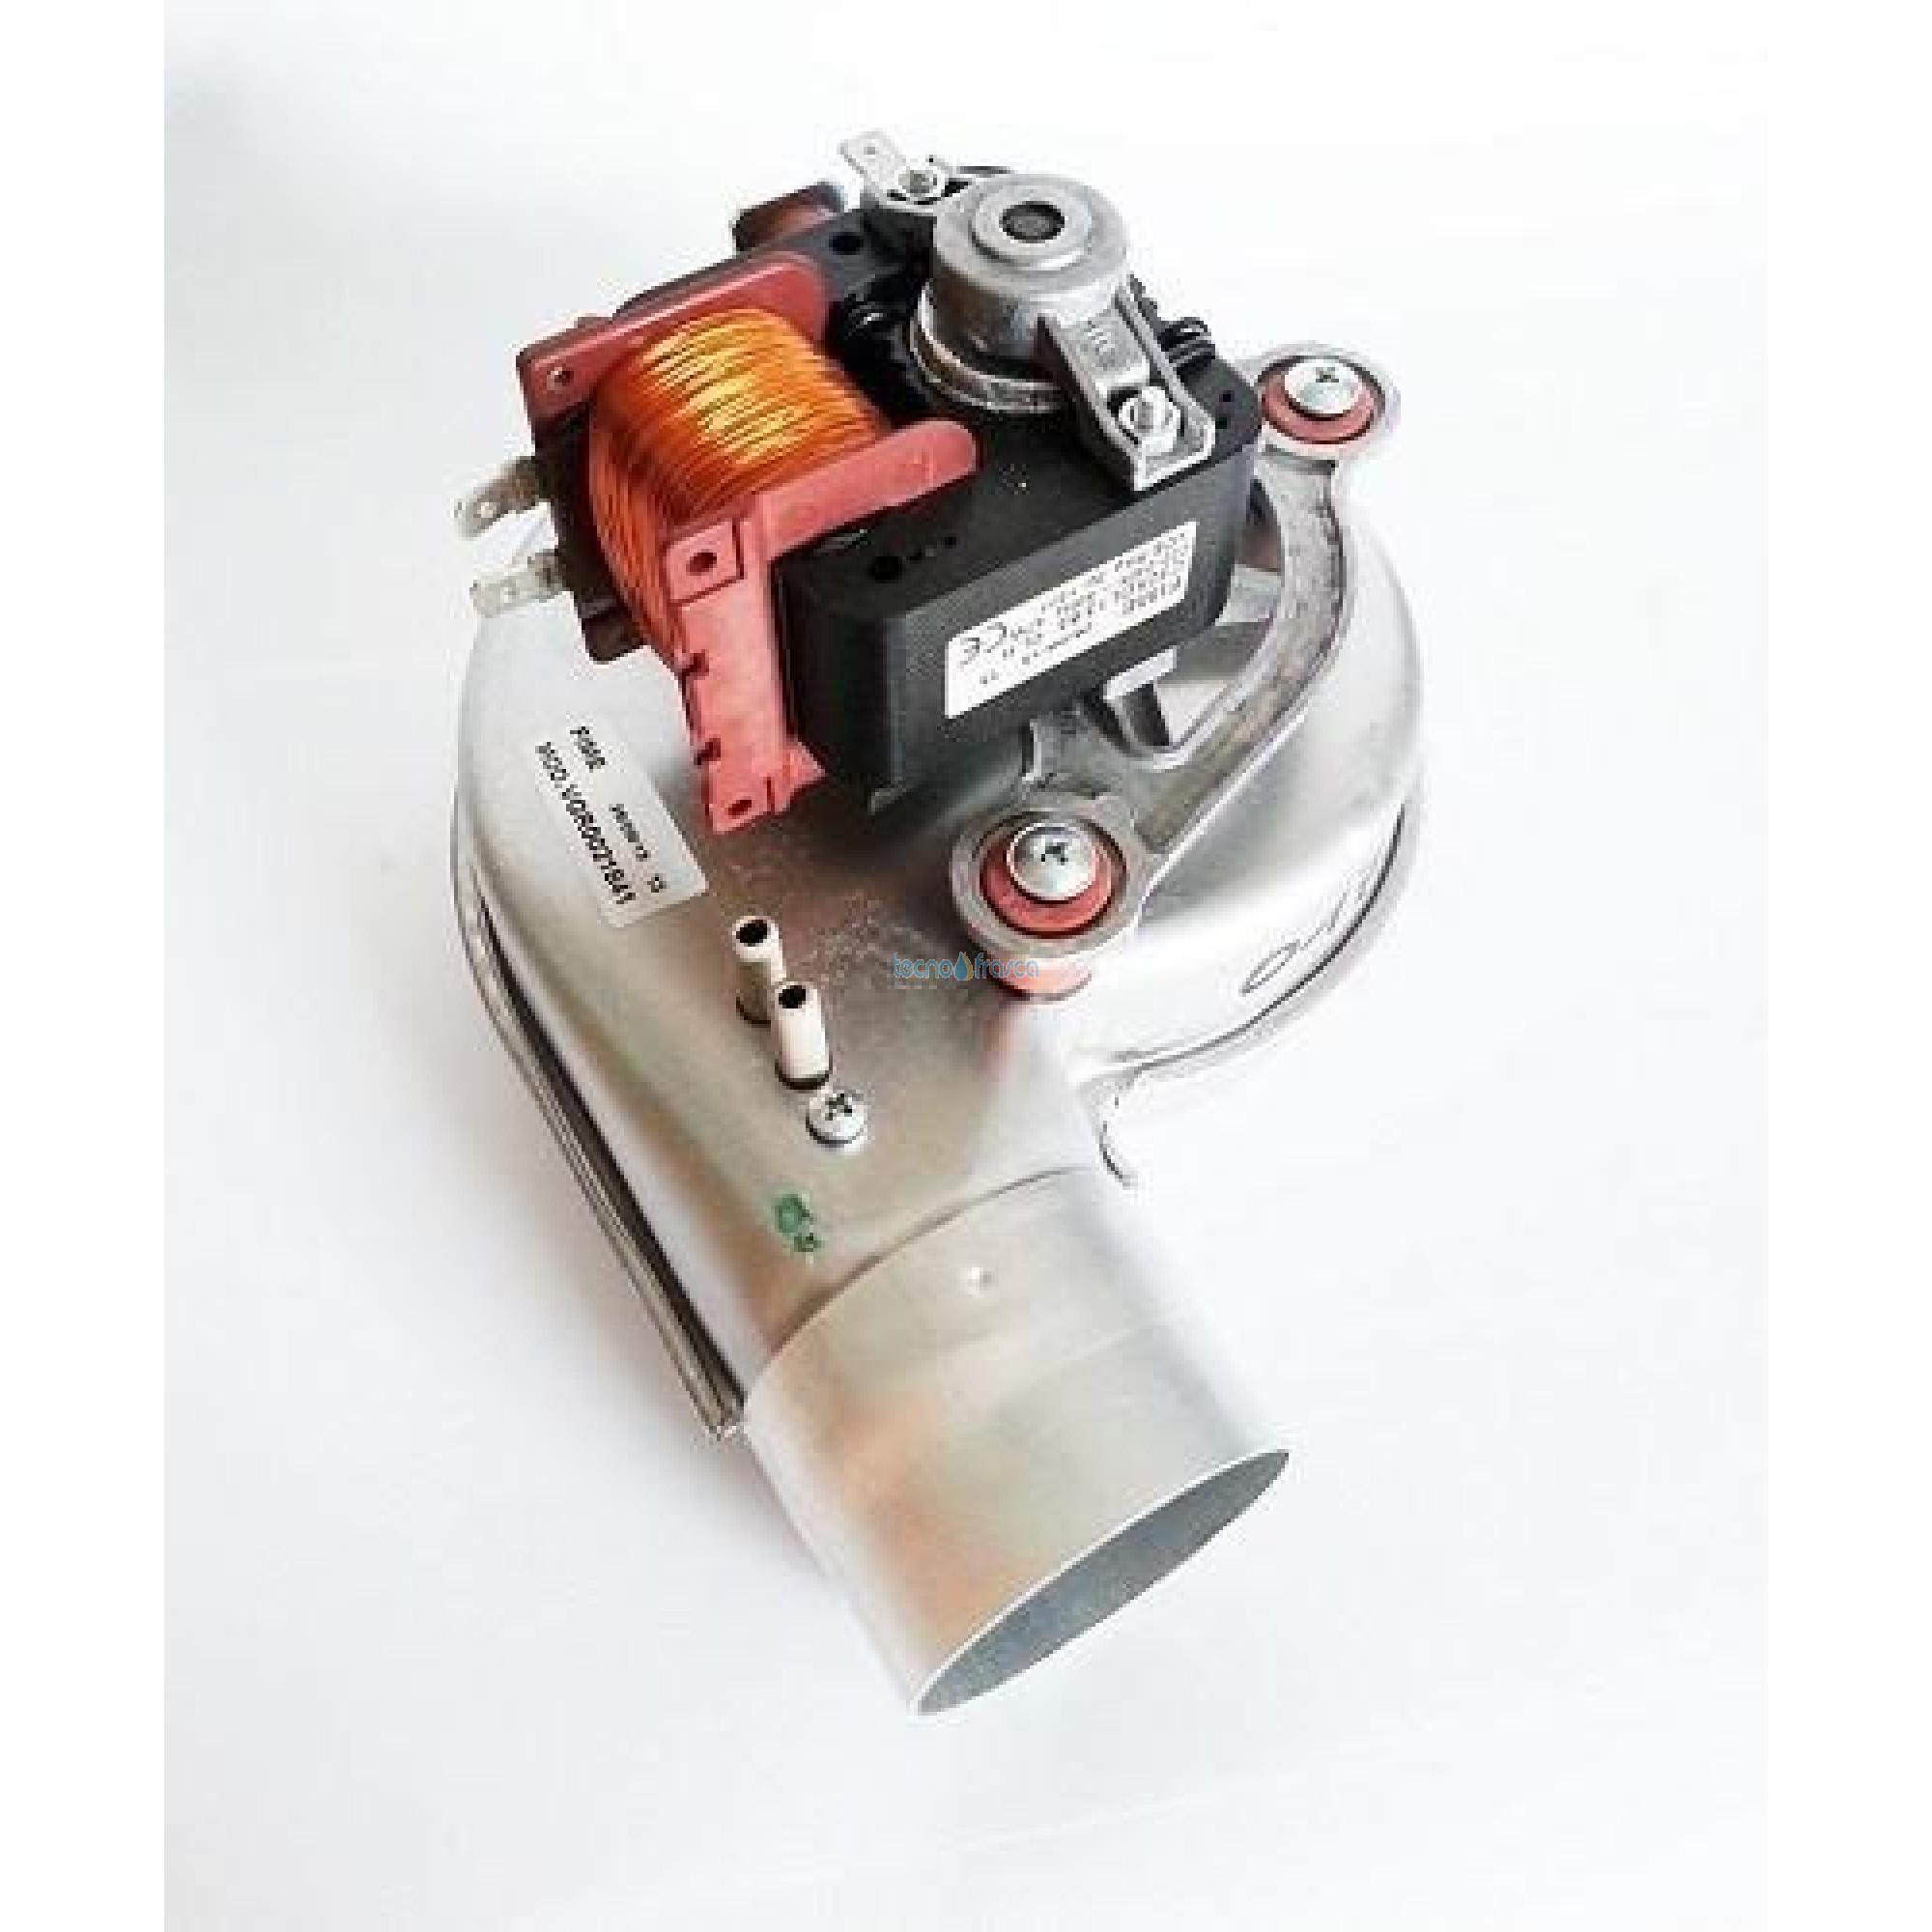 Lamborghini estrattore fime gr01265 47w 04559570